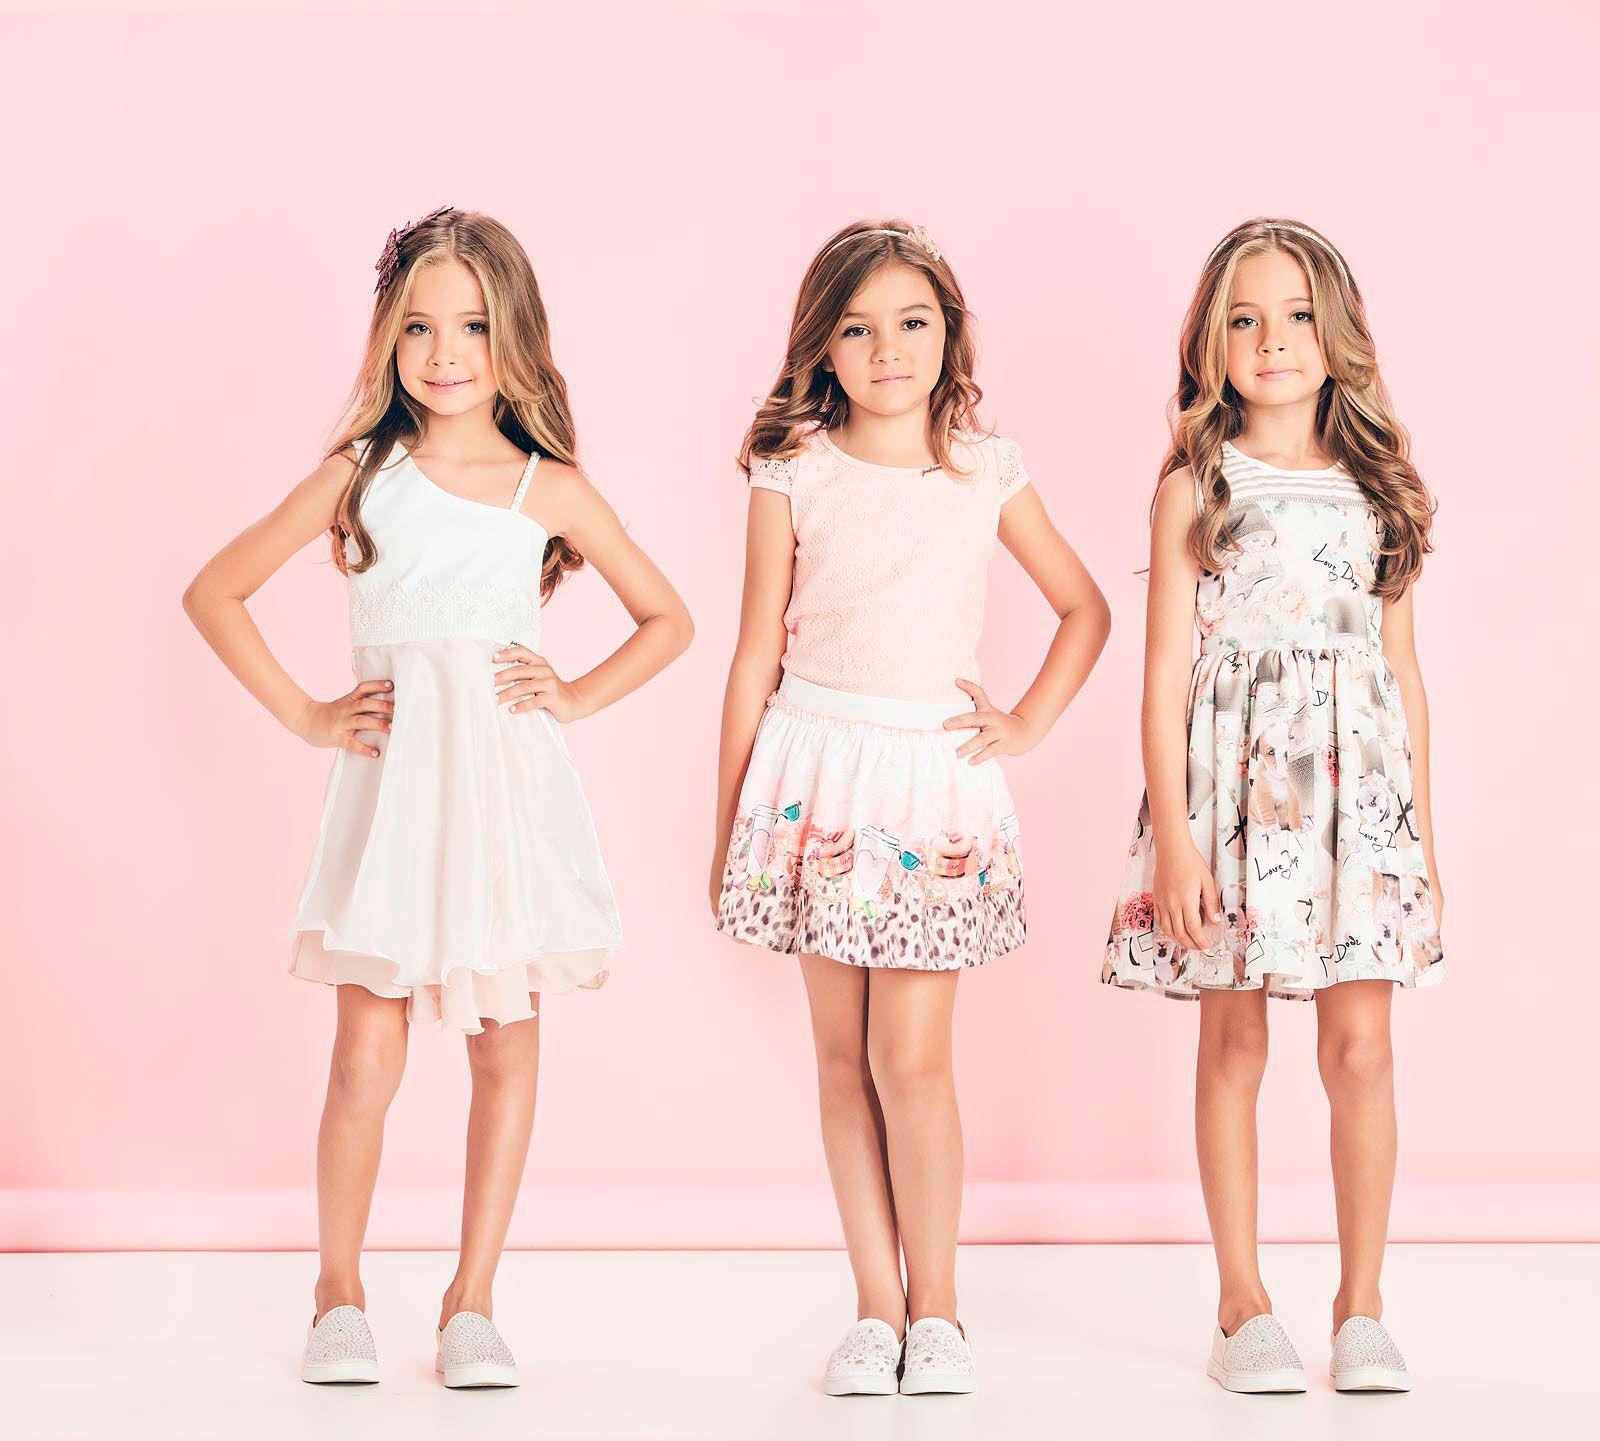 Increíble Vestidos De Novia Asda Fotos - Ideas de Estilos de Vestido ...